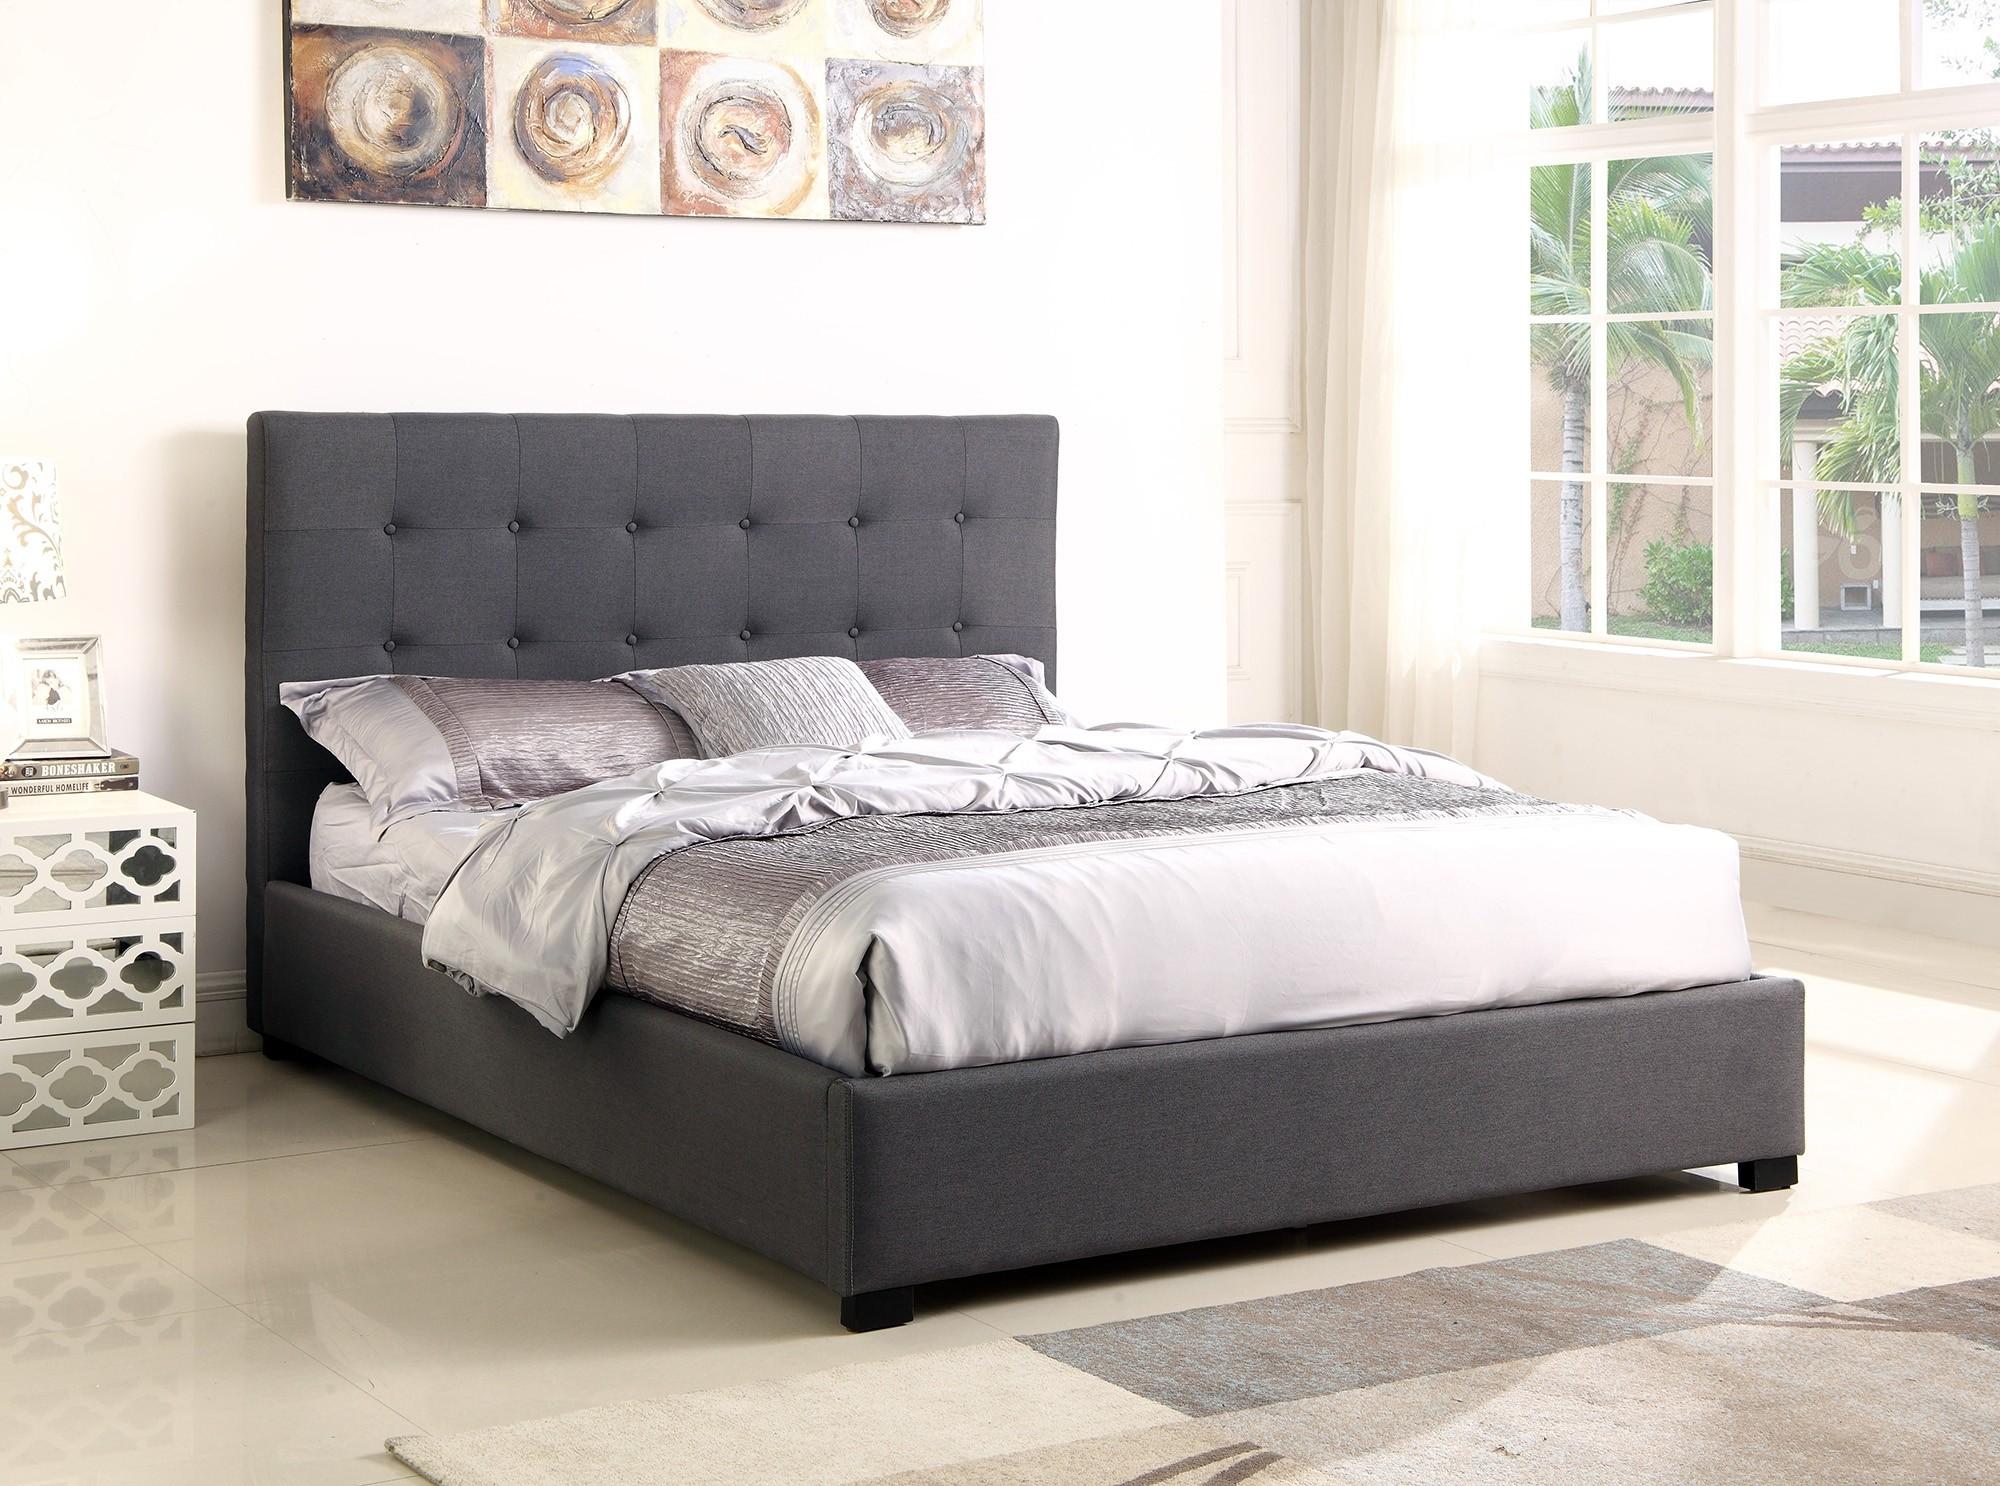 lit coffre layton sommier 140cm tissu gris lits 2 places. Black Bedroom Furniture Sets. Home Design Ideas